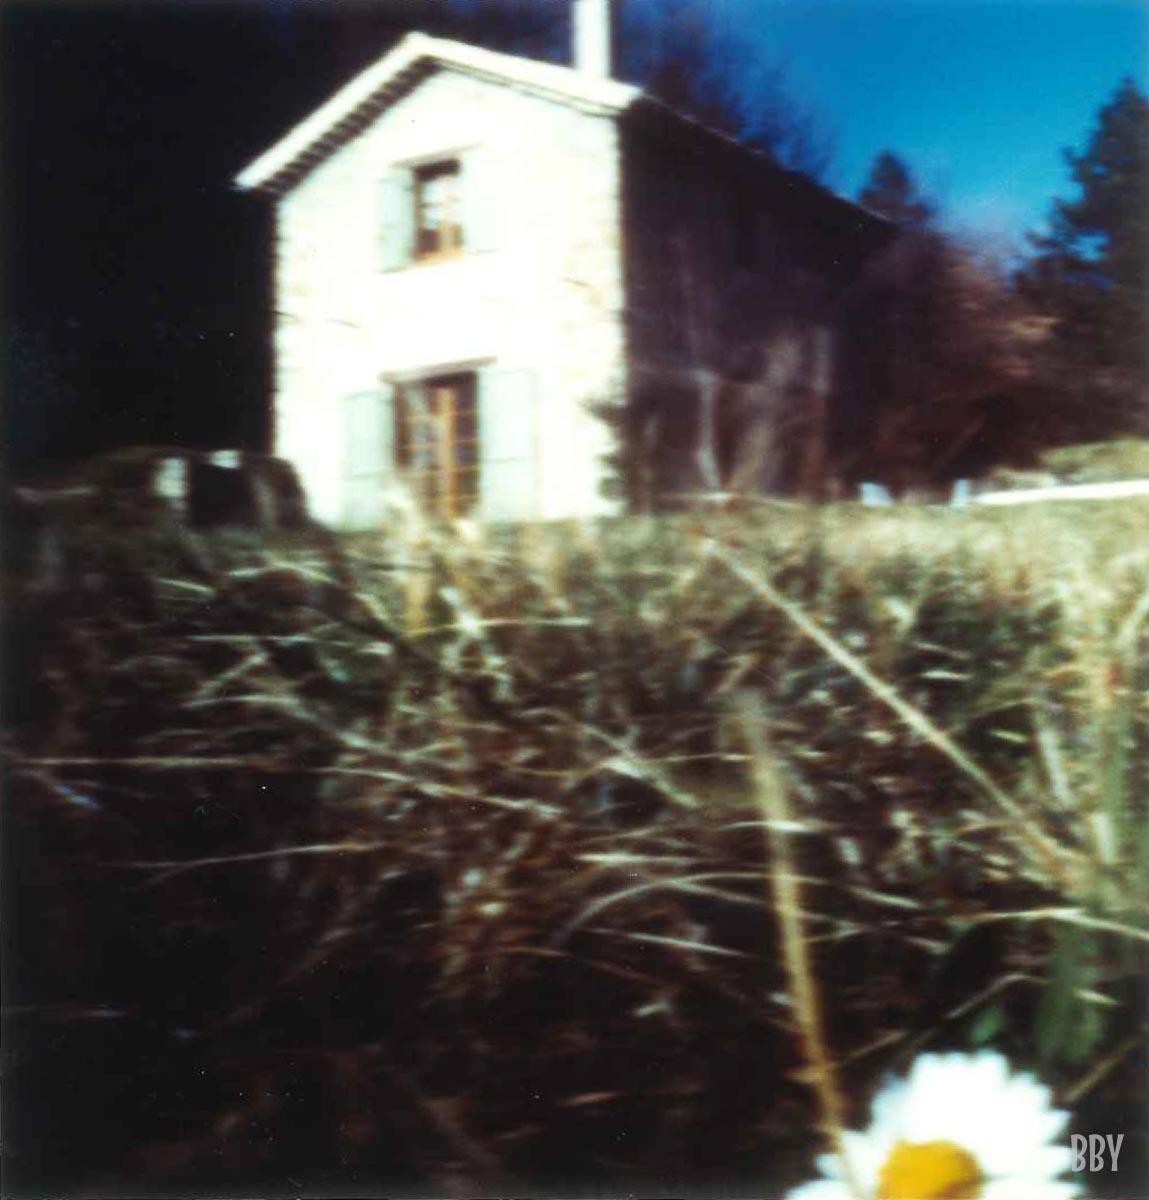 stenope, pinhole, slow photography, chambre noire, margueritte, daisy, maison